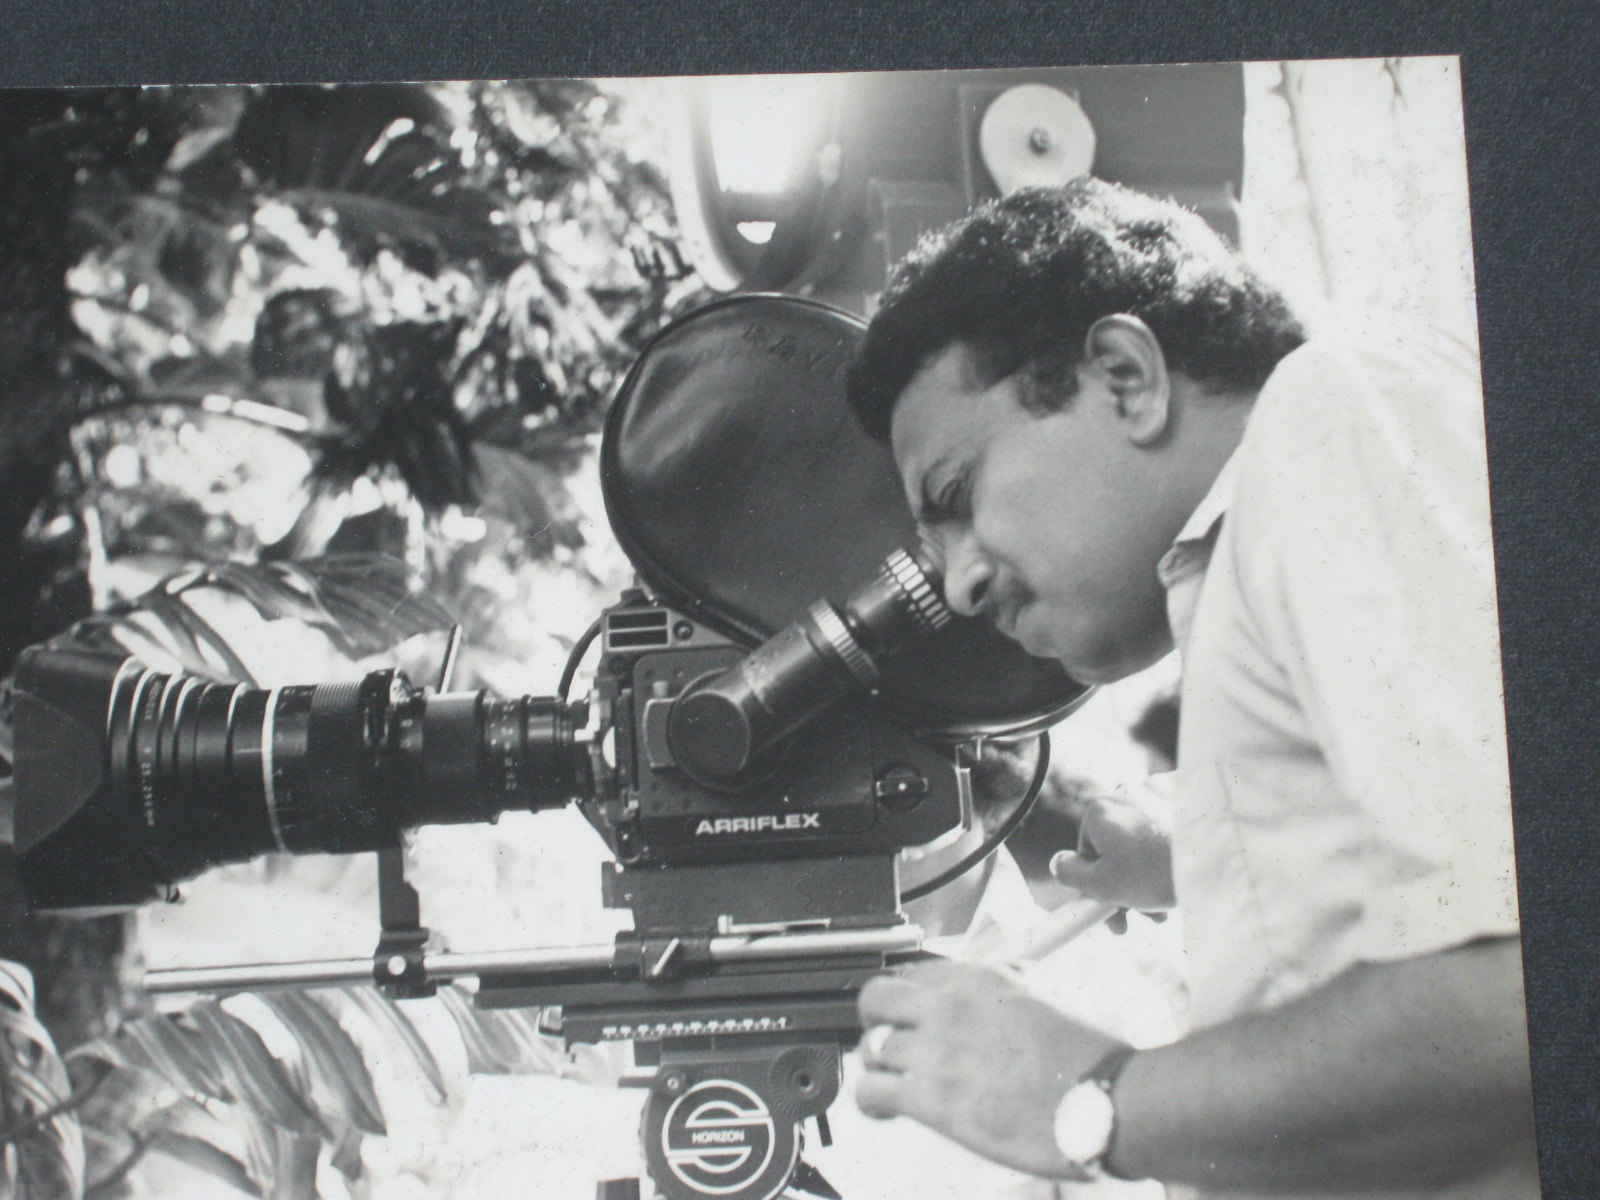 joseph malayalam movie hd free download